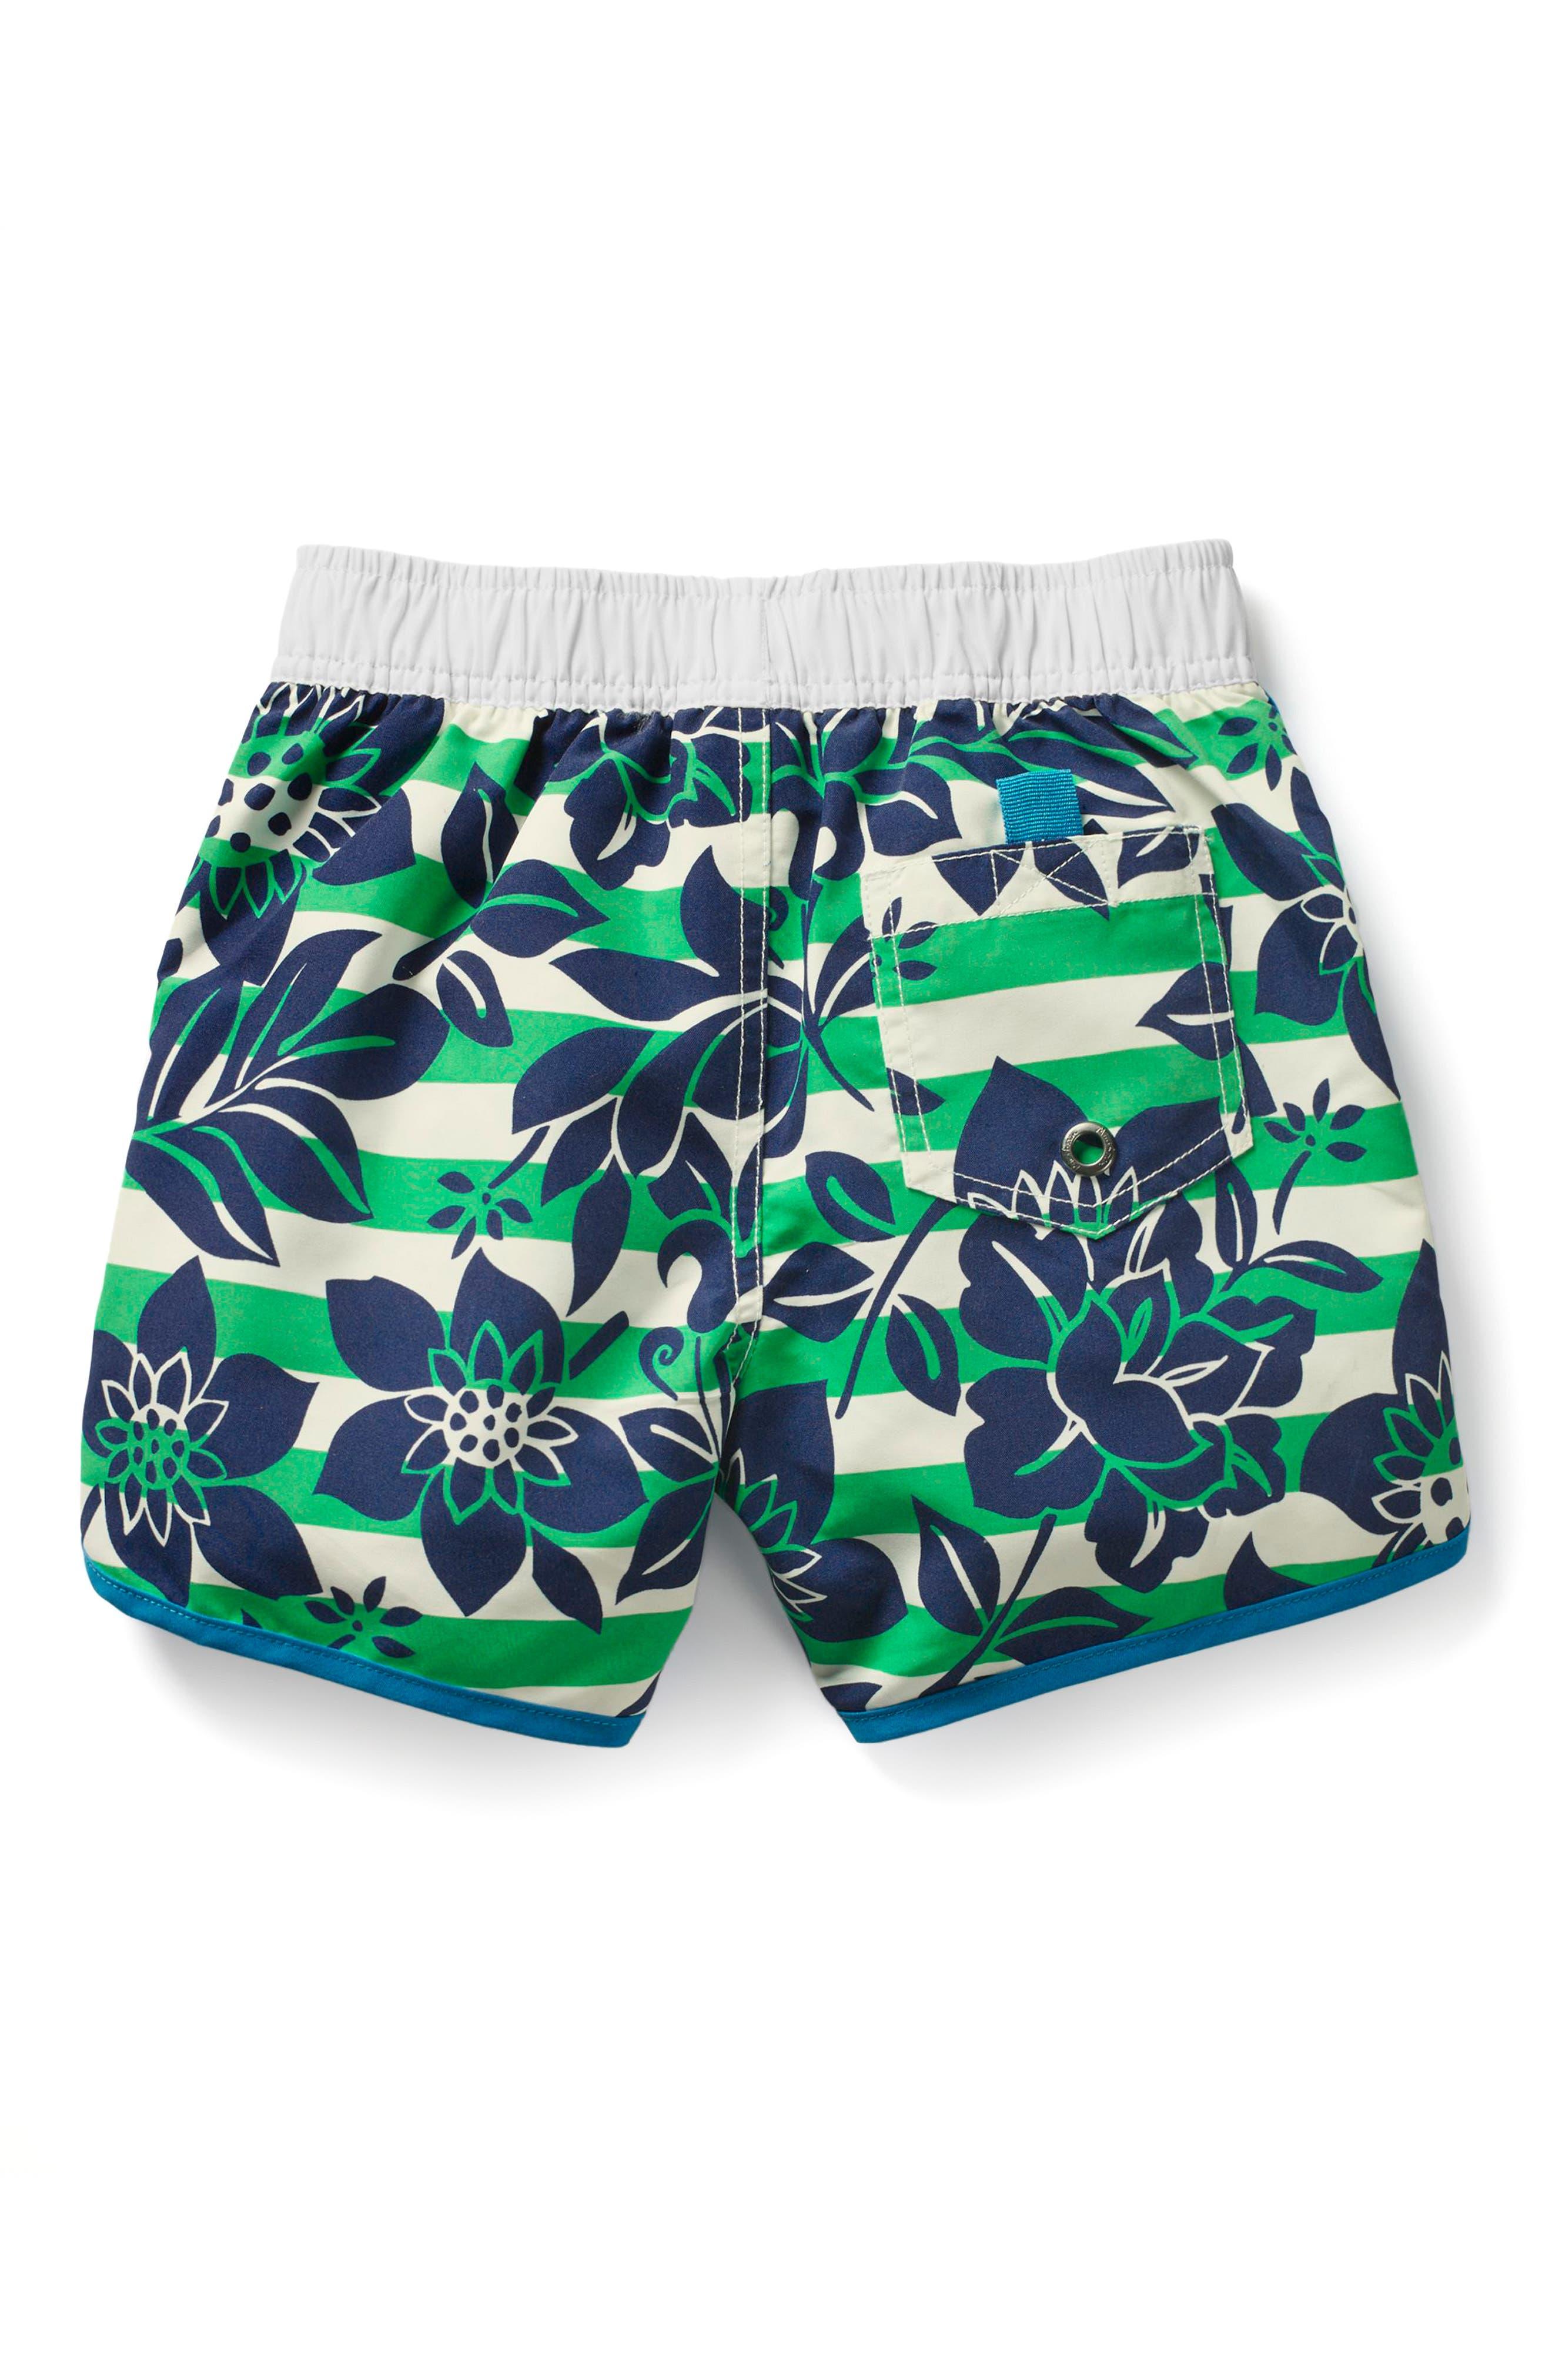 Hawaiian Print Board Shorts,                             Alternate thumbnail 2, color,                             Astro Green/ Ecru Hawaiian